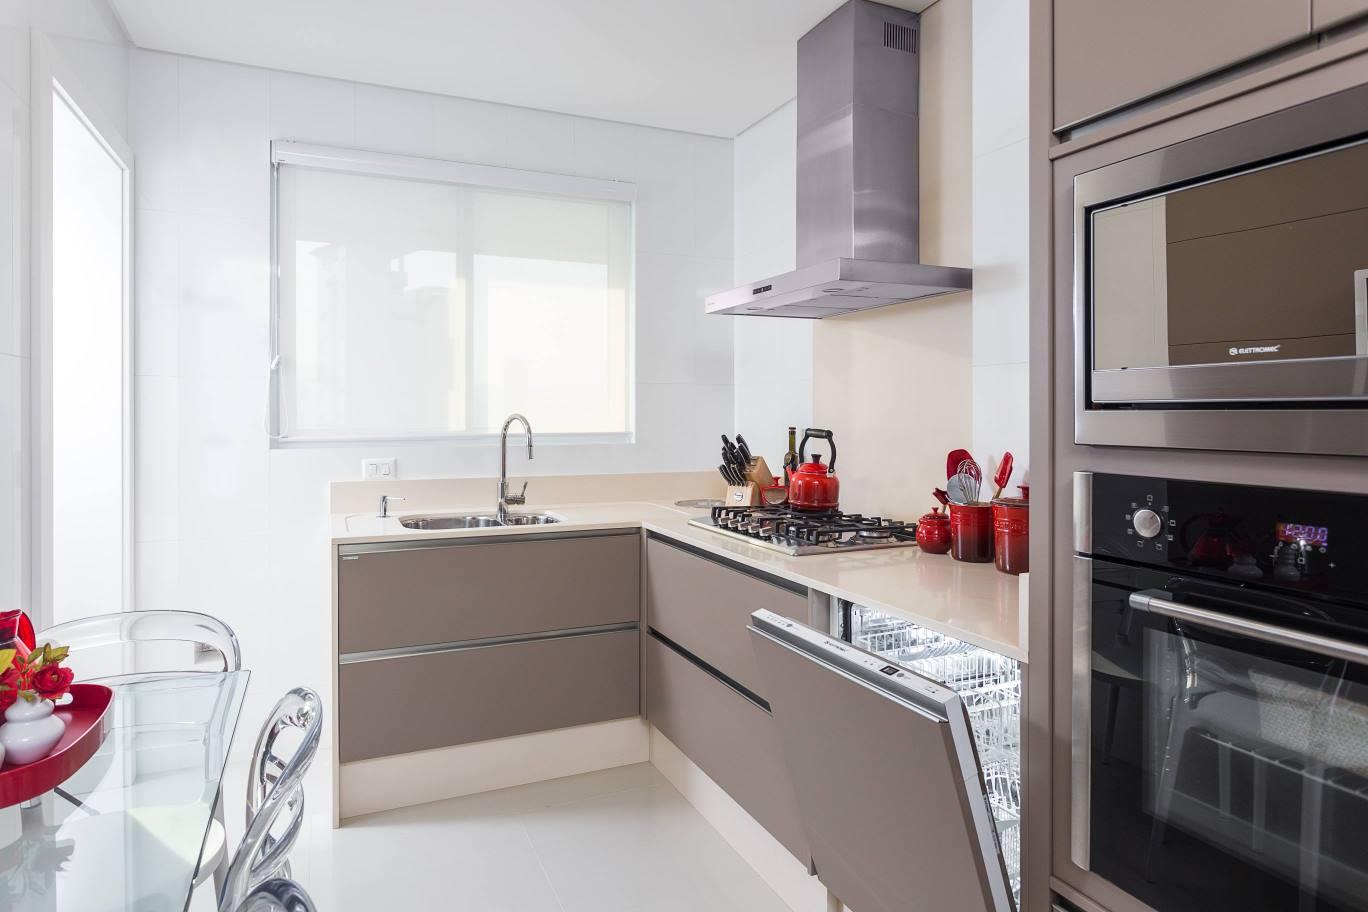 Construindo Minha Casa Clean Cor Fendi na decoração da cozinha  Tendência! # Cozinha Pequena Com Duas Cubas